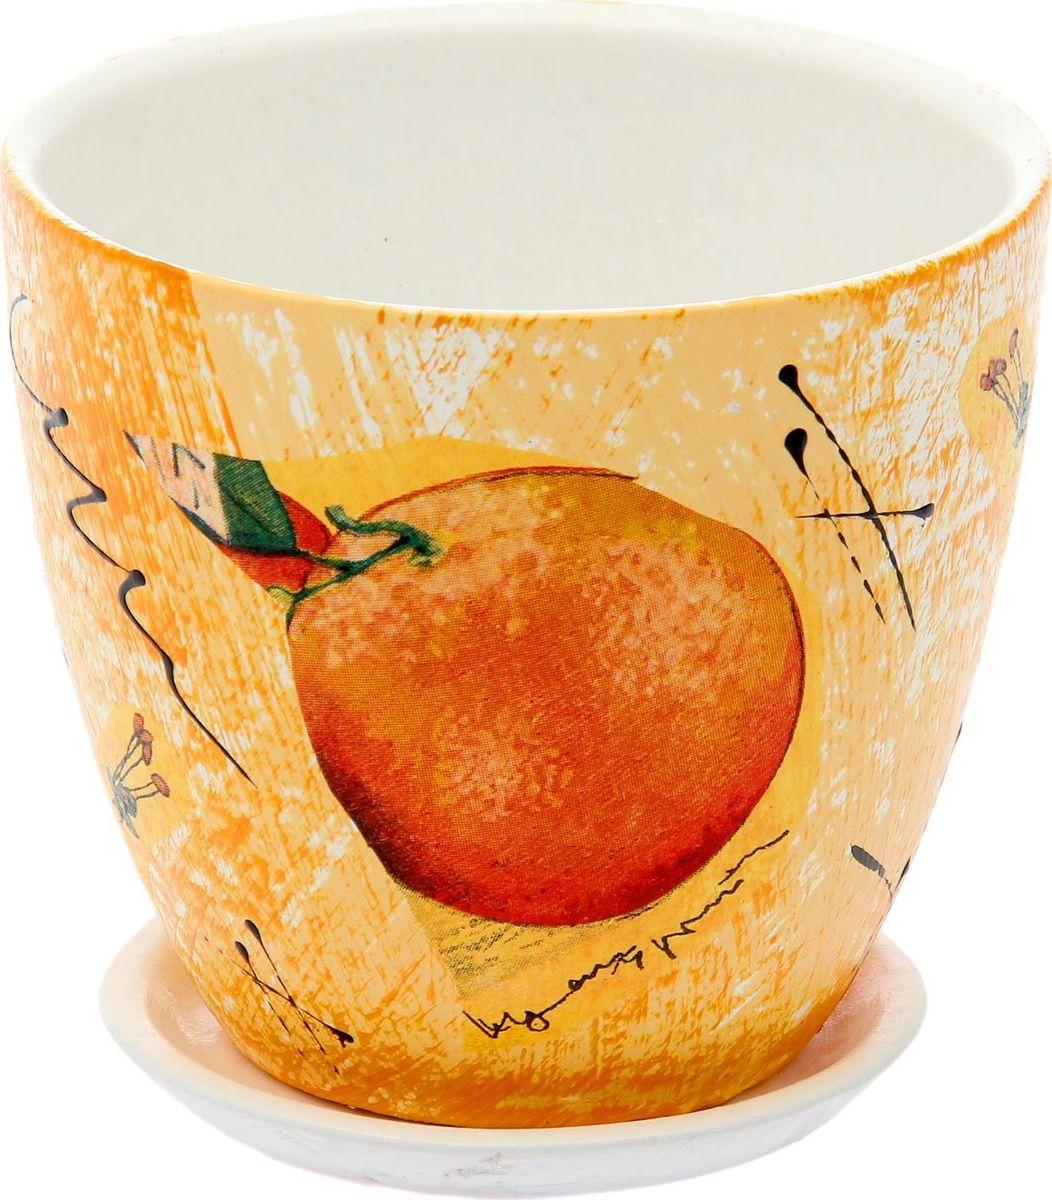 Кашпо Апельсин, 0,8 л1793185Комнатные растения — всеобщие любимцы. Они радуют глаз, насыщают помещение кислородом и украшают пространство. Каждому из них необходим свой удобный и красивый дом. Кашпо из керамики прекрасно подходят для высадки растений: за счет пластичности глины и разных способов обработки существует великое множество форм и дизайнов пористый материал позволяет испаряться лишней влаге воздух, необходимый для дыхания корней, проникает сквозь керамические стенки! позаботится о зеленом питомце, освежит интерьер и подчеркнет его стиль.